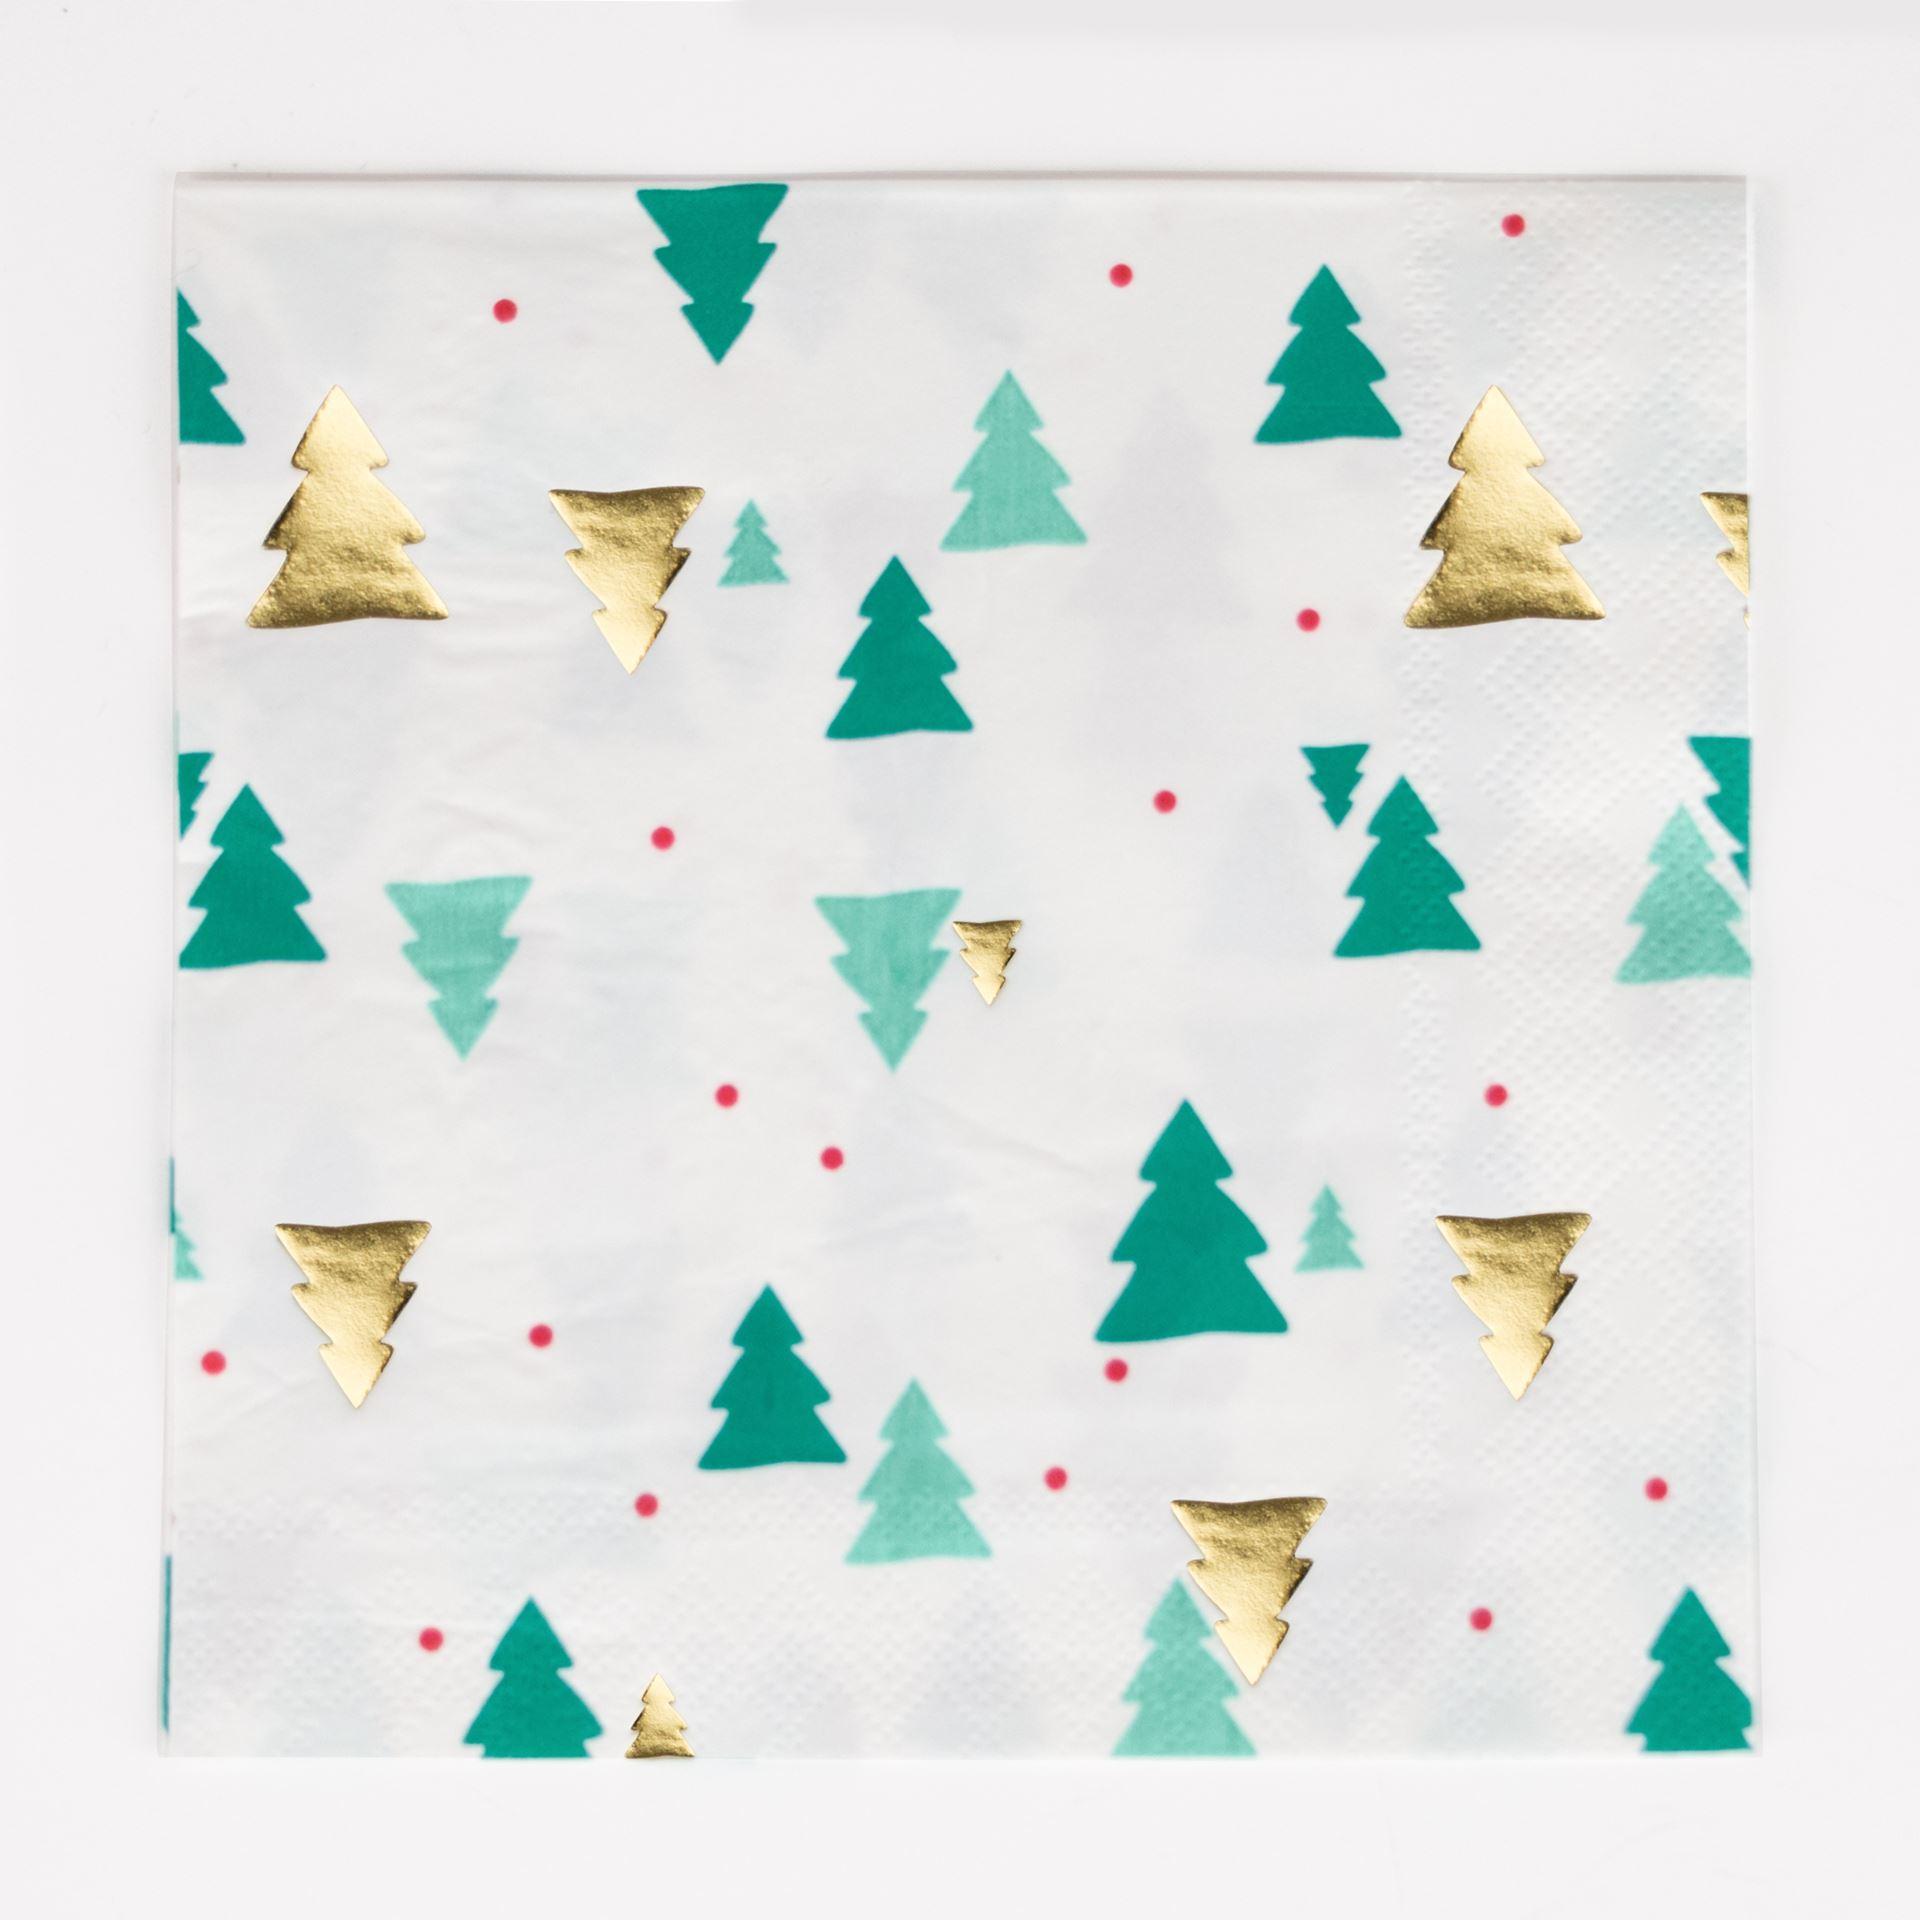 Comprar servilletas rbol de navidad 16 para decoraci n for Arbol navidad online